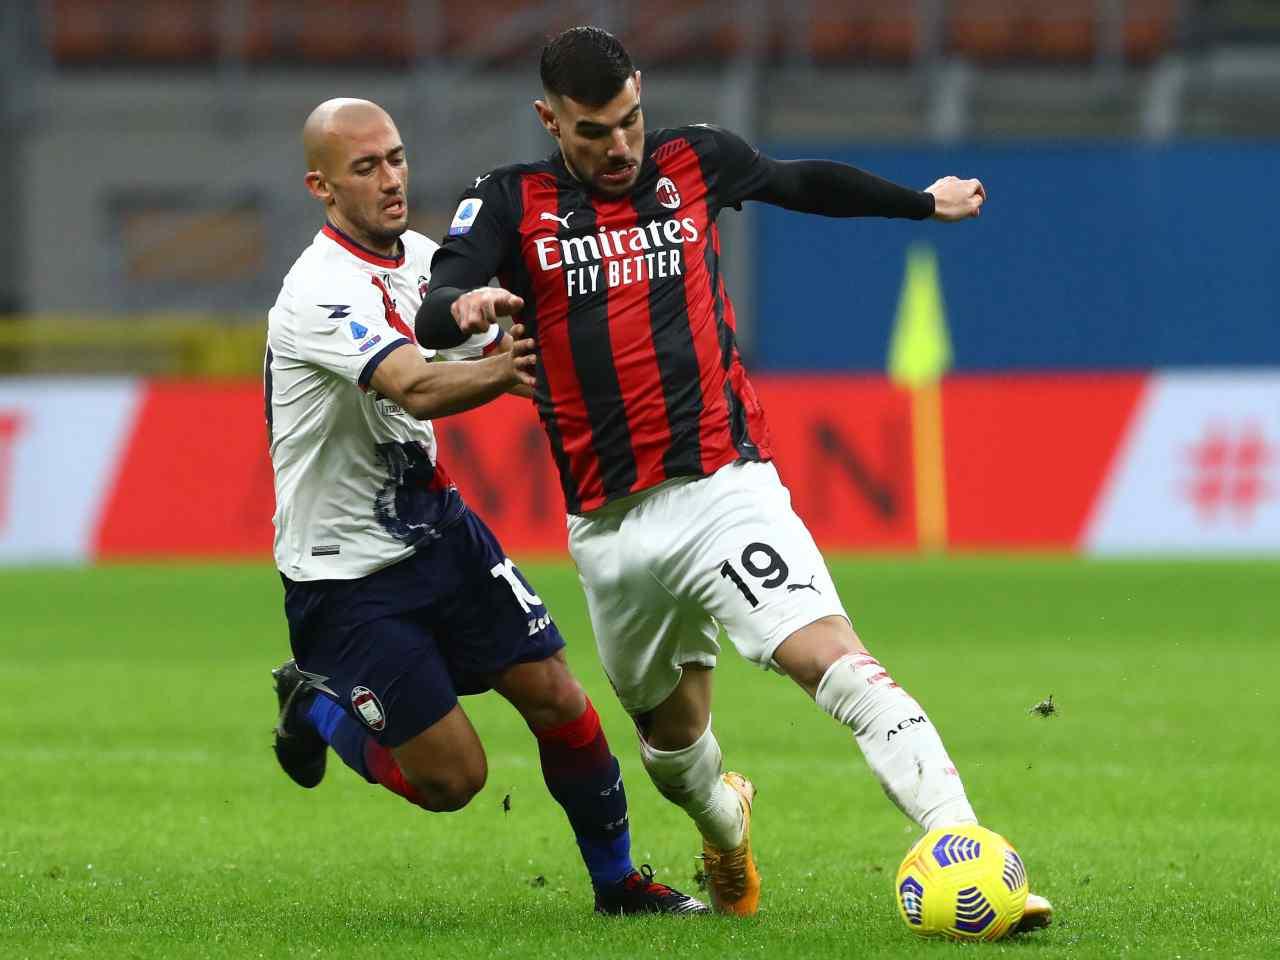 Calciomercato Milan, Theo Hernandez può partire | Il fattore decisivo